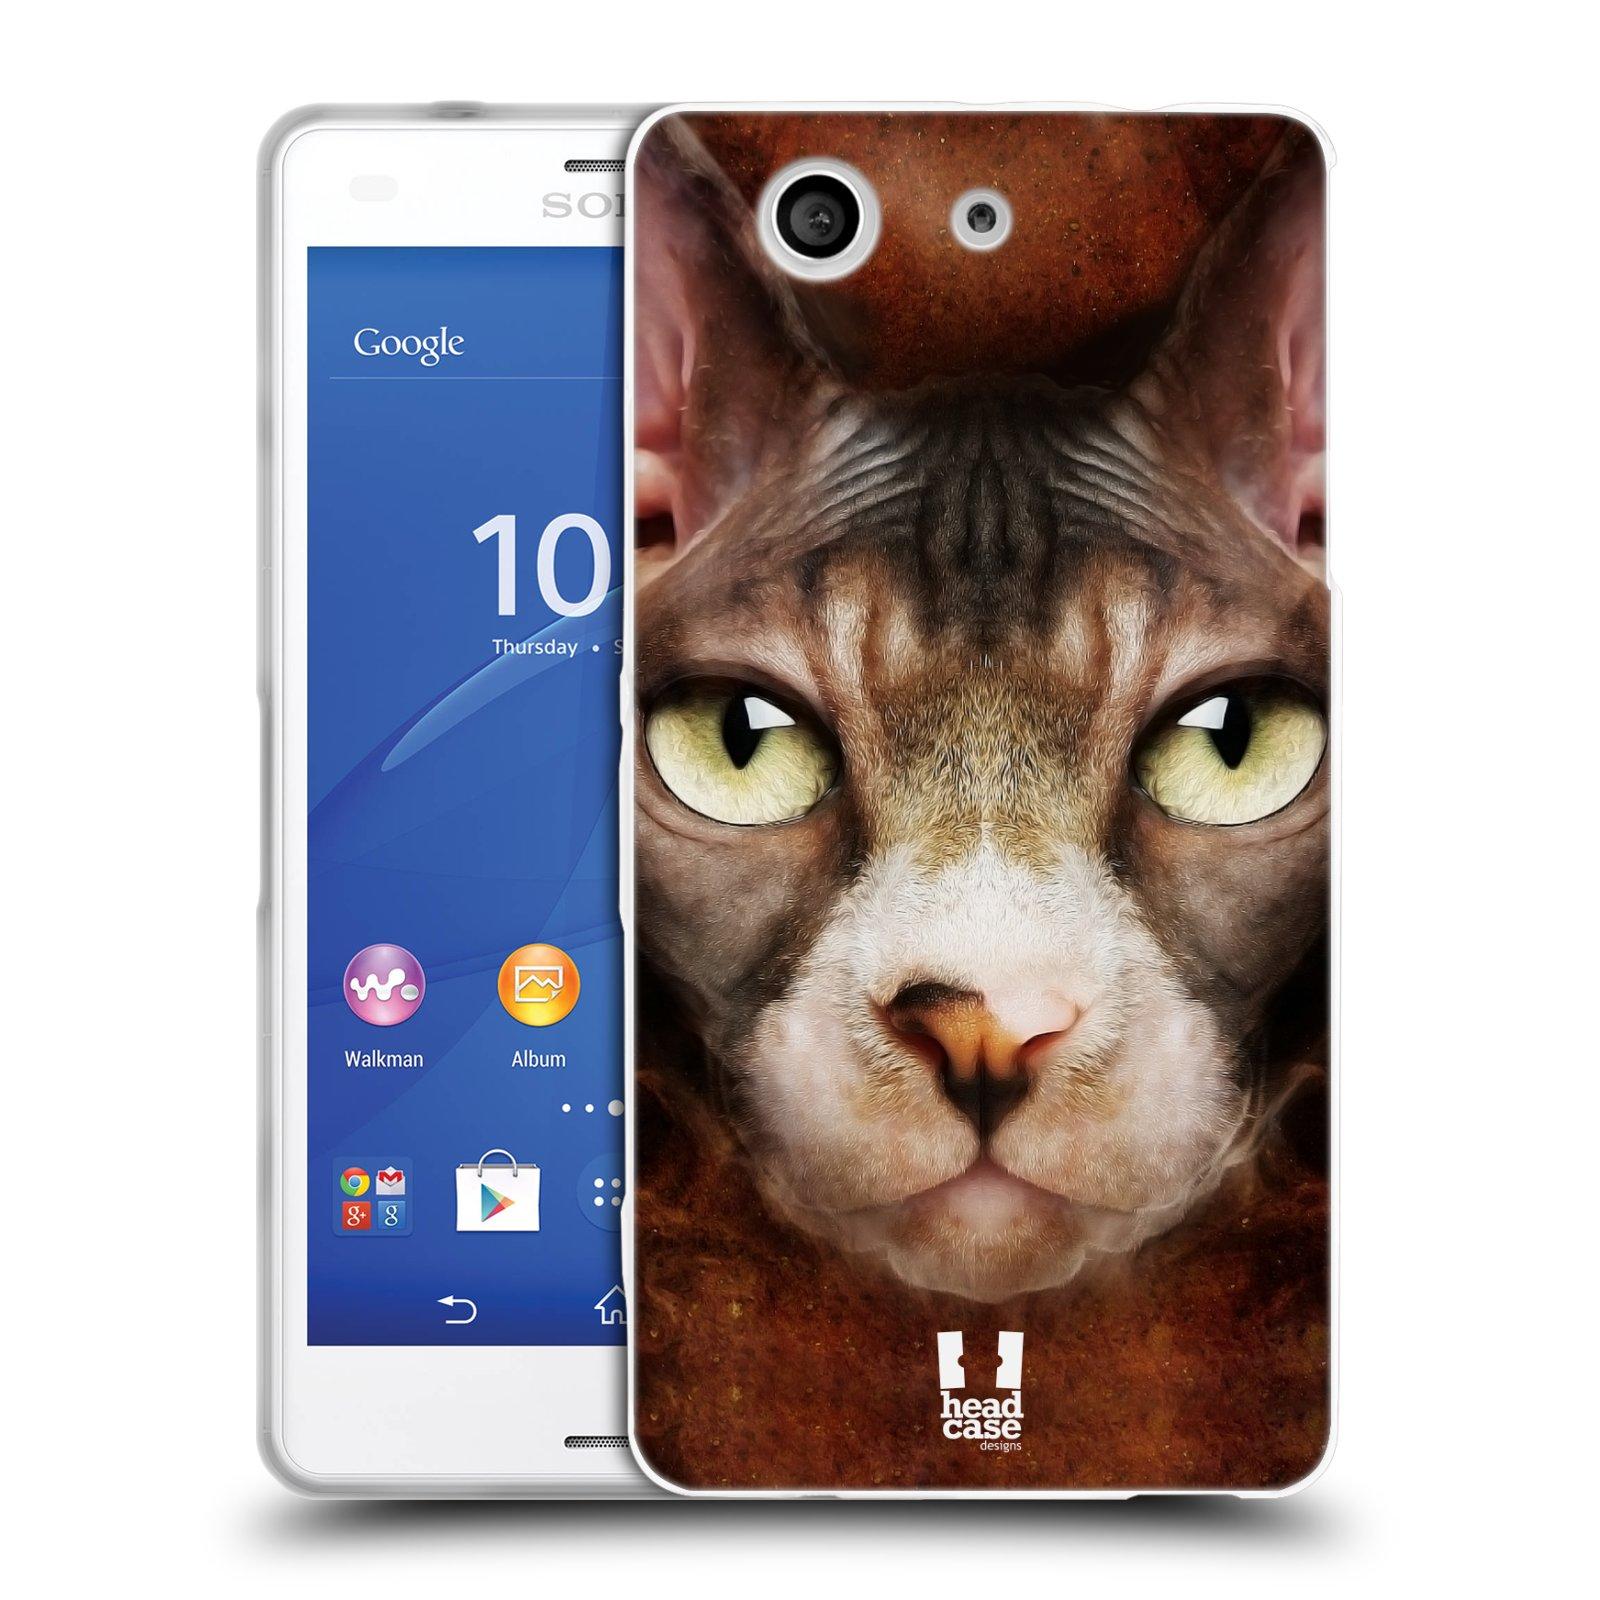 HEAD CASE silikonový obal na mobil Sony Xperia Z3 COMPACT (D5803) vzor Zvířecí tváře kočka sphynx